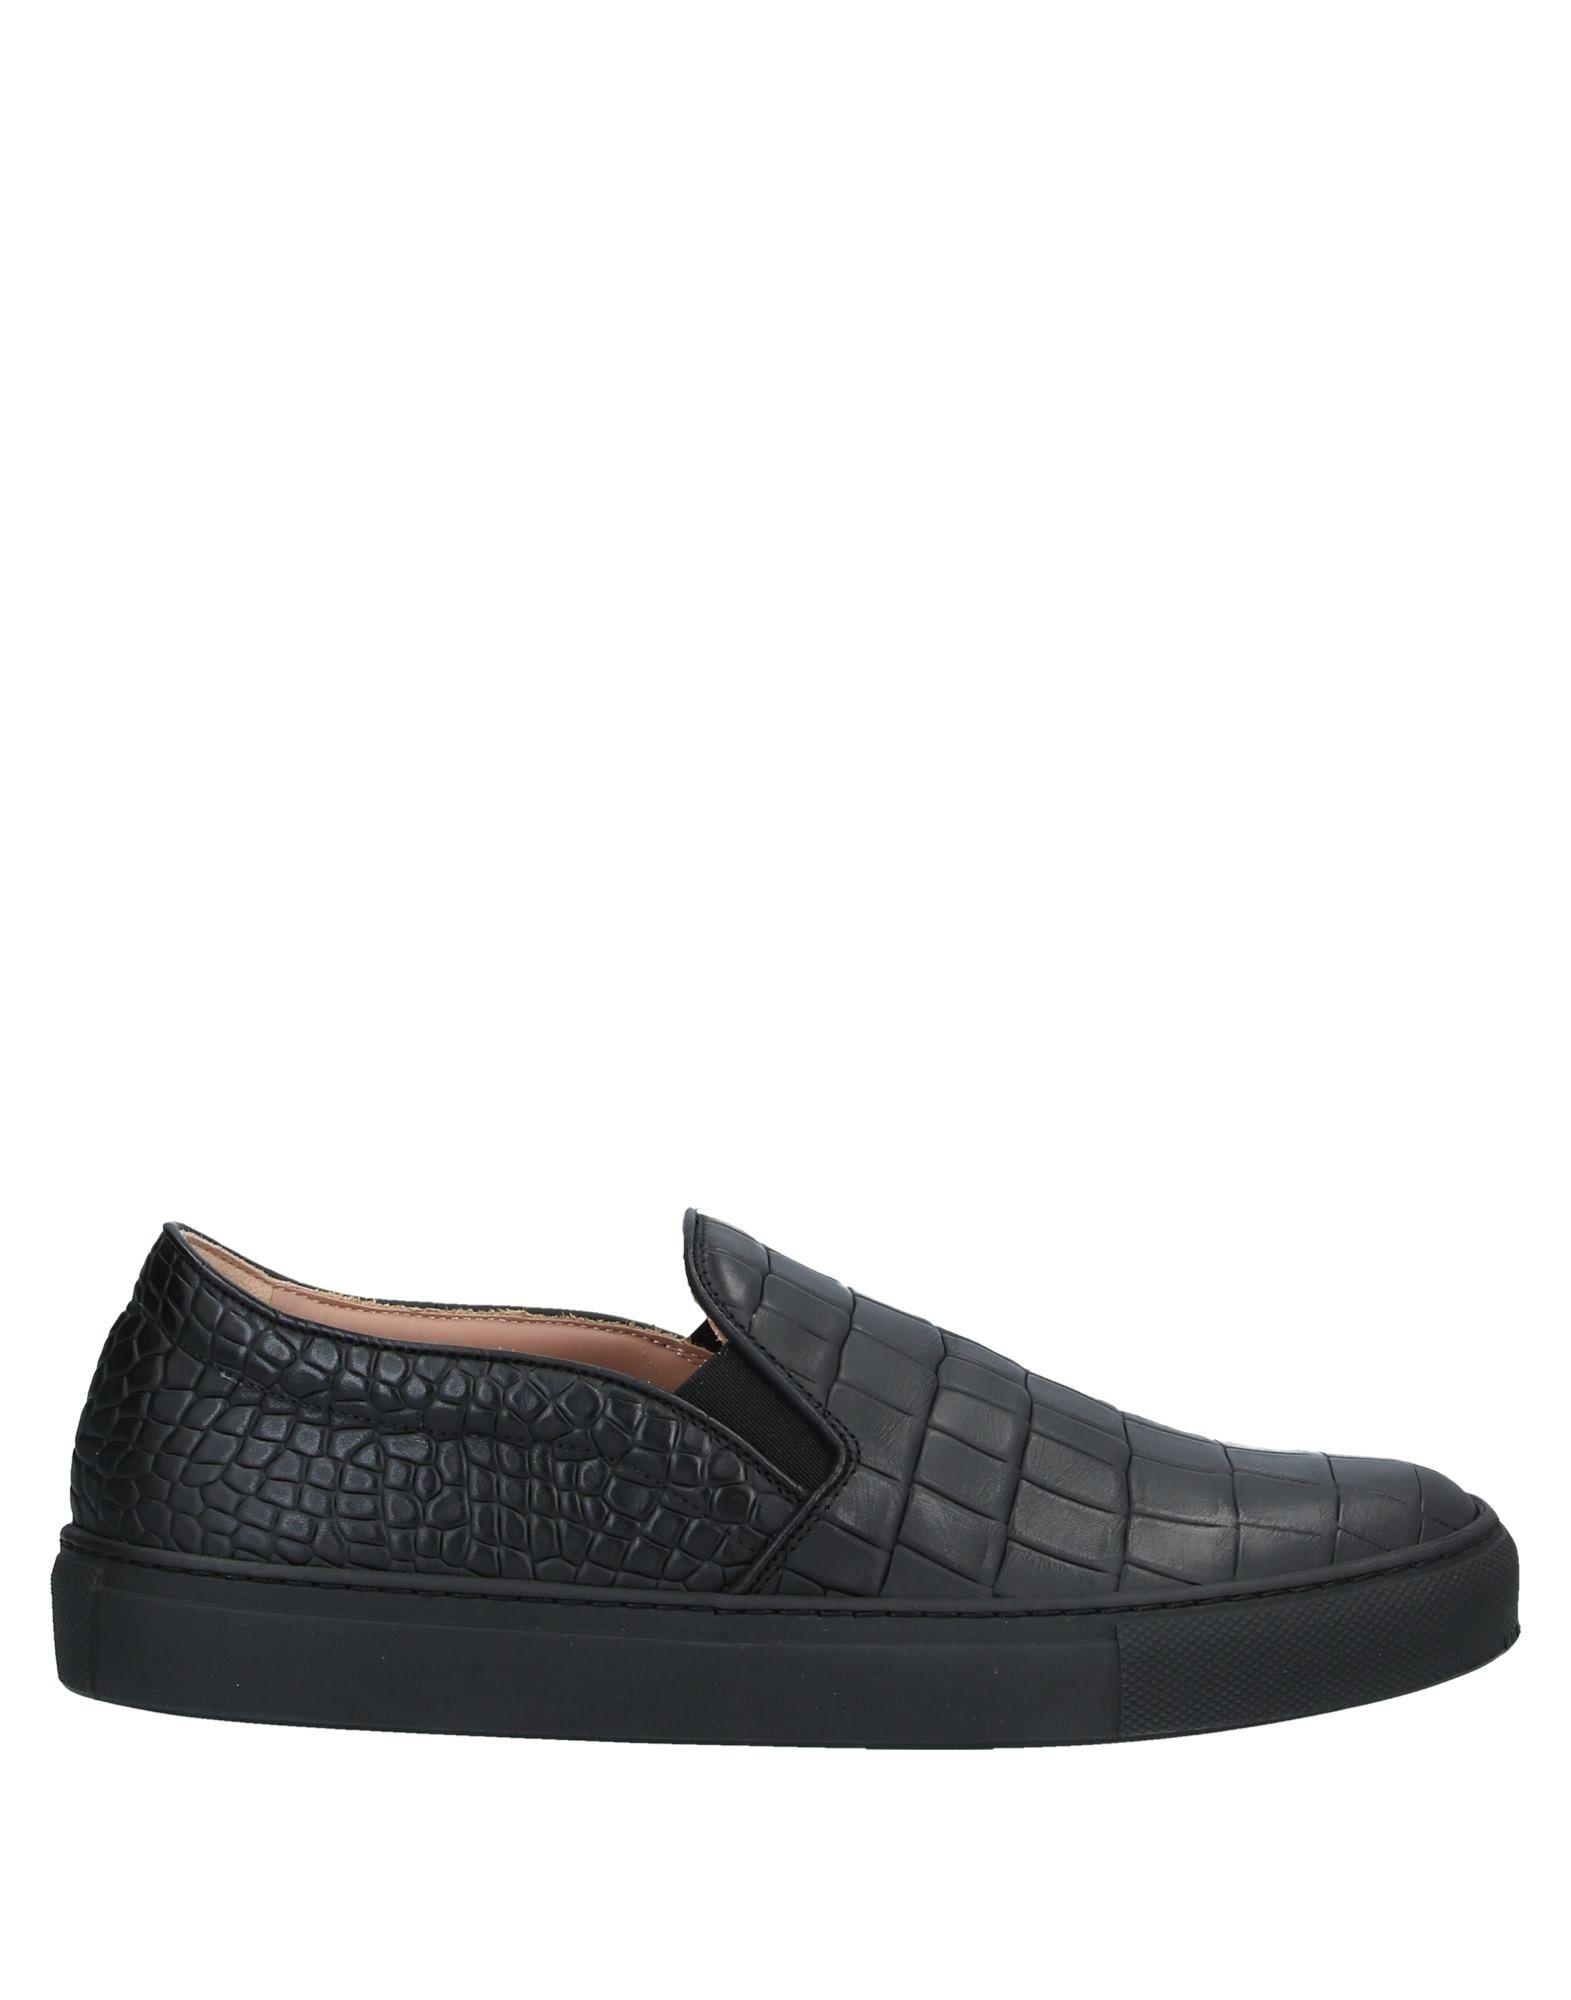 L' AUTRE CHOSE Low-tops & sneakers - Item 11808213